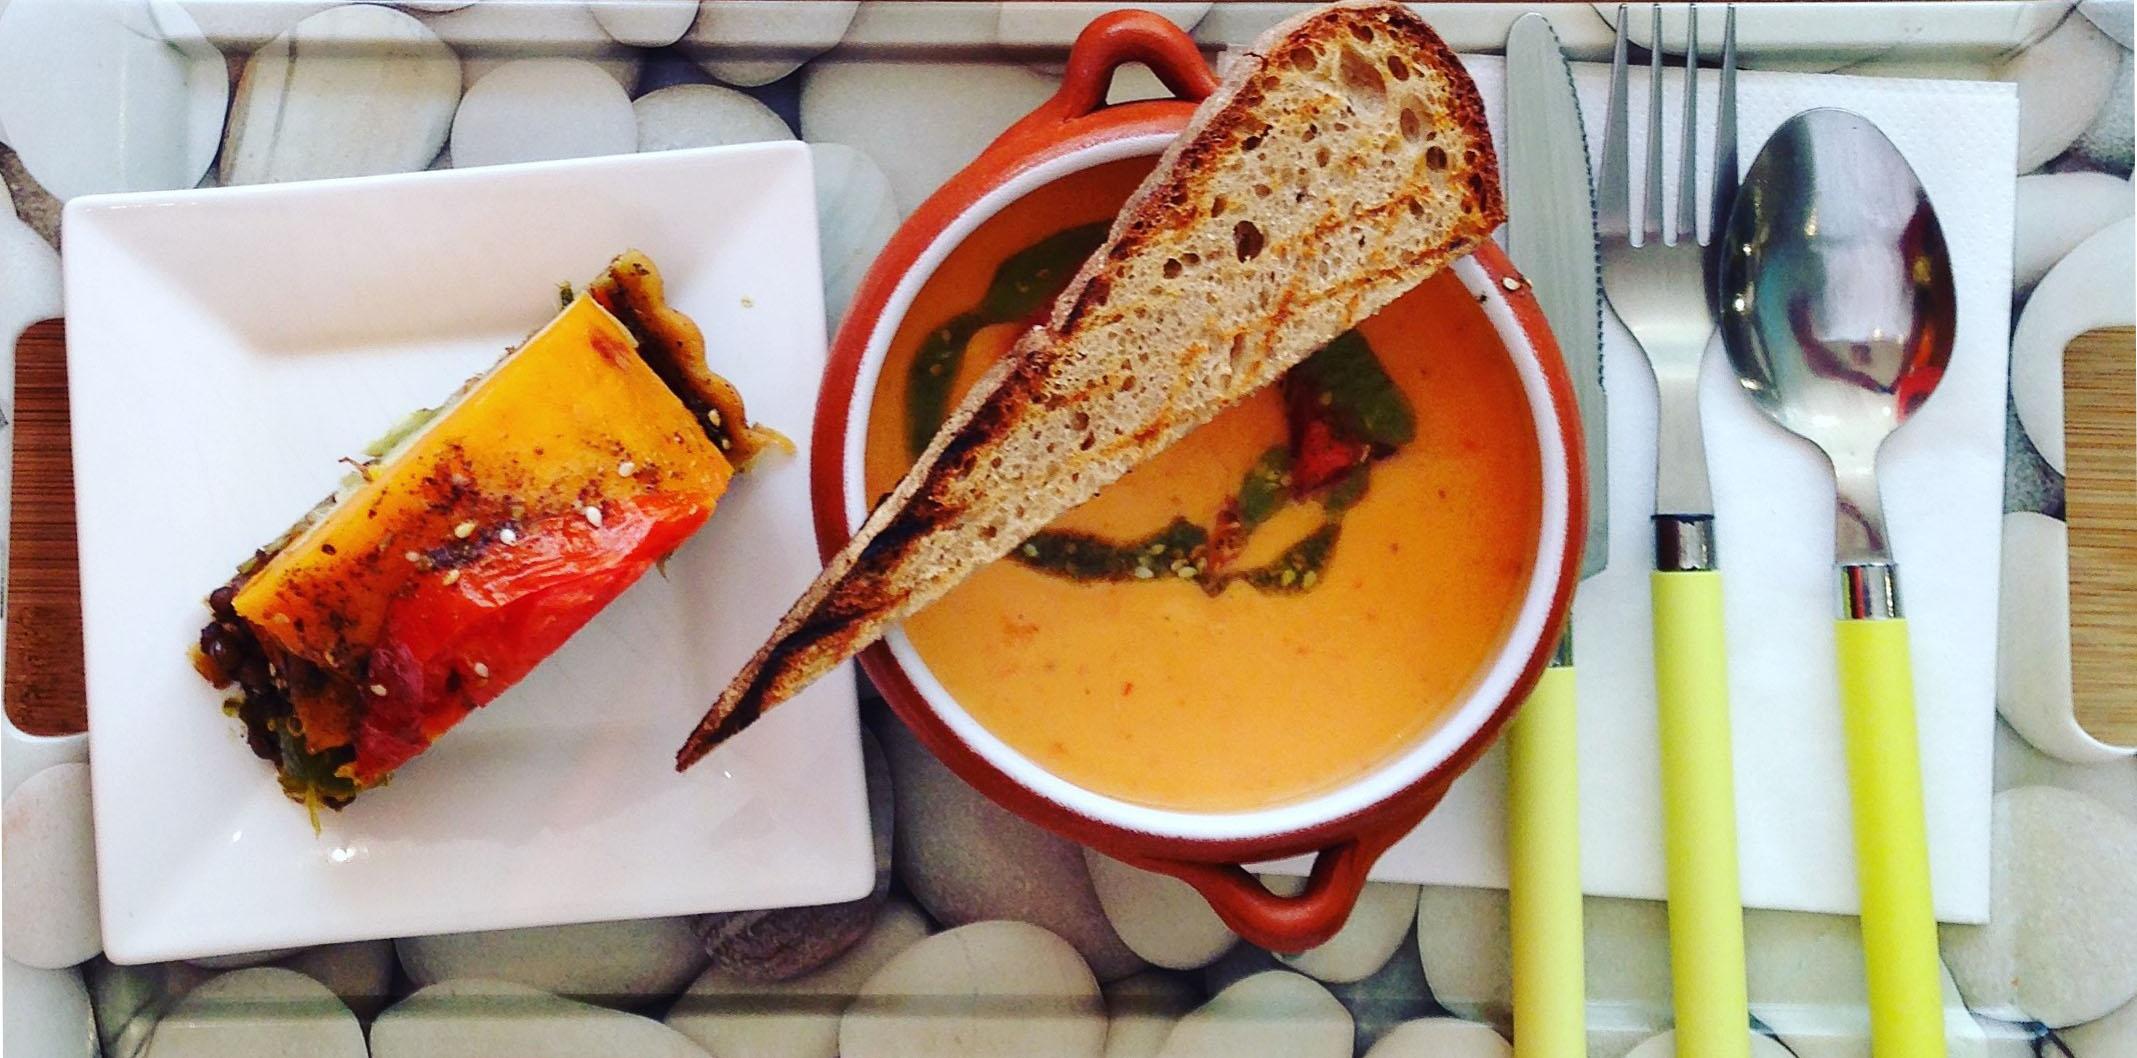 la-boite-a-dejeuner-soupe-et-buche-legumes